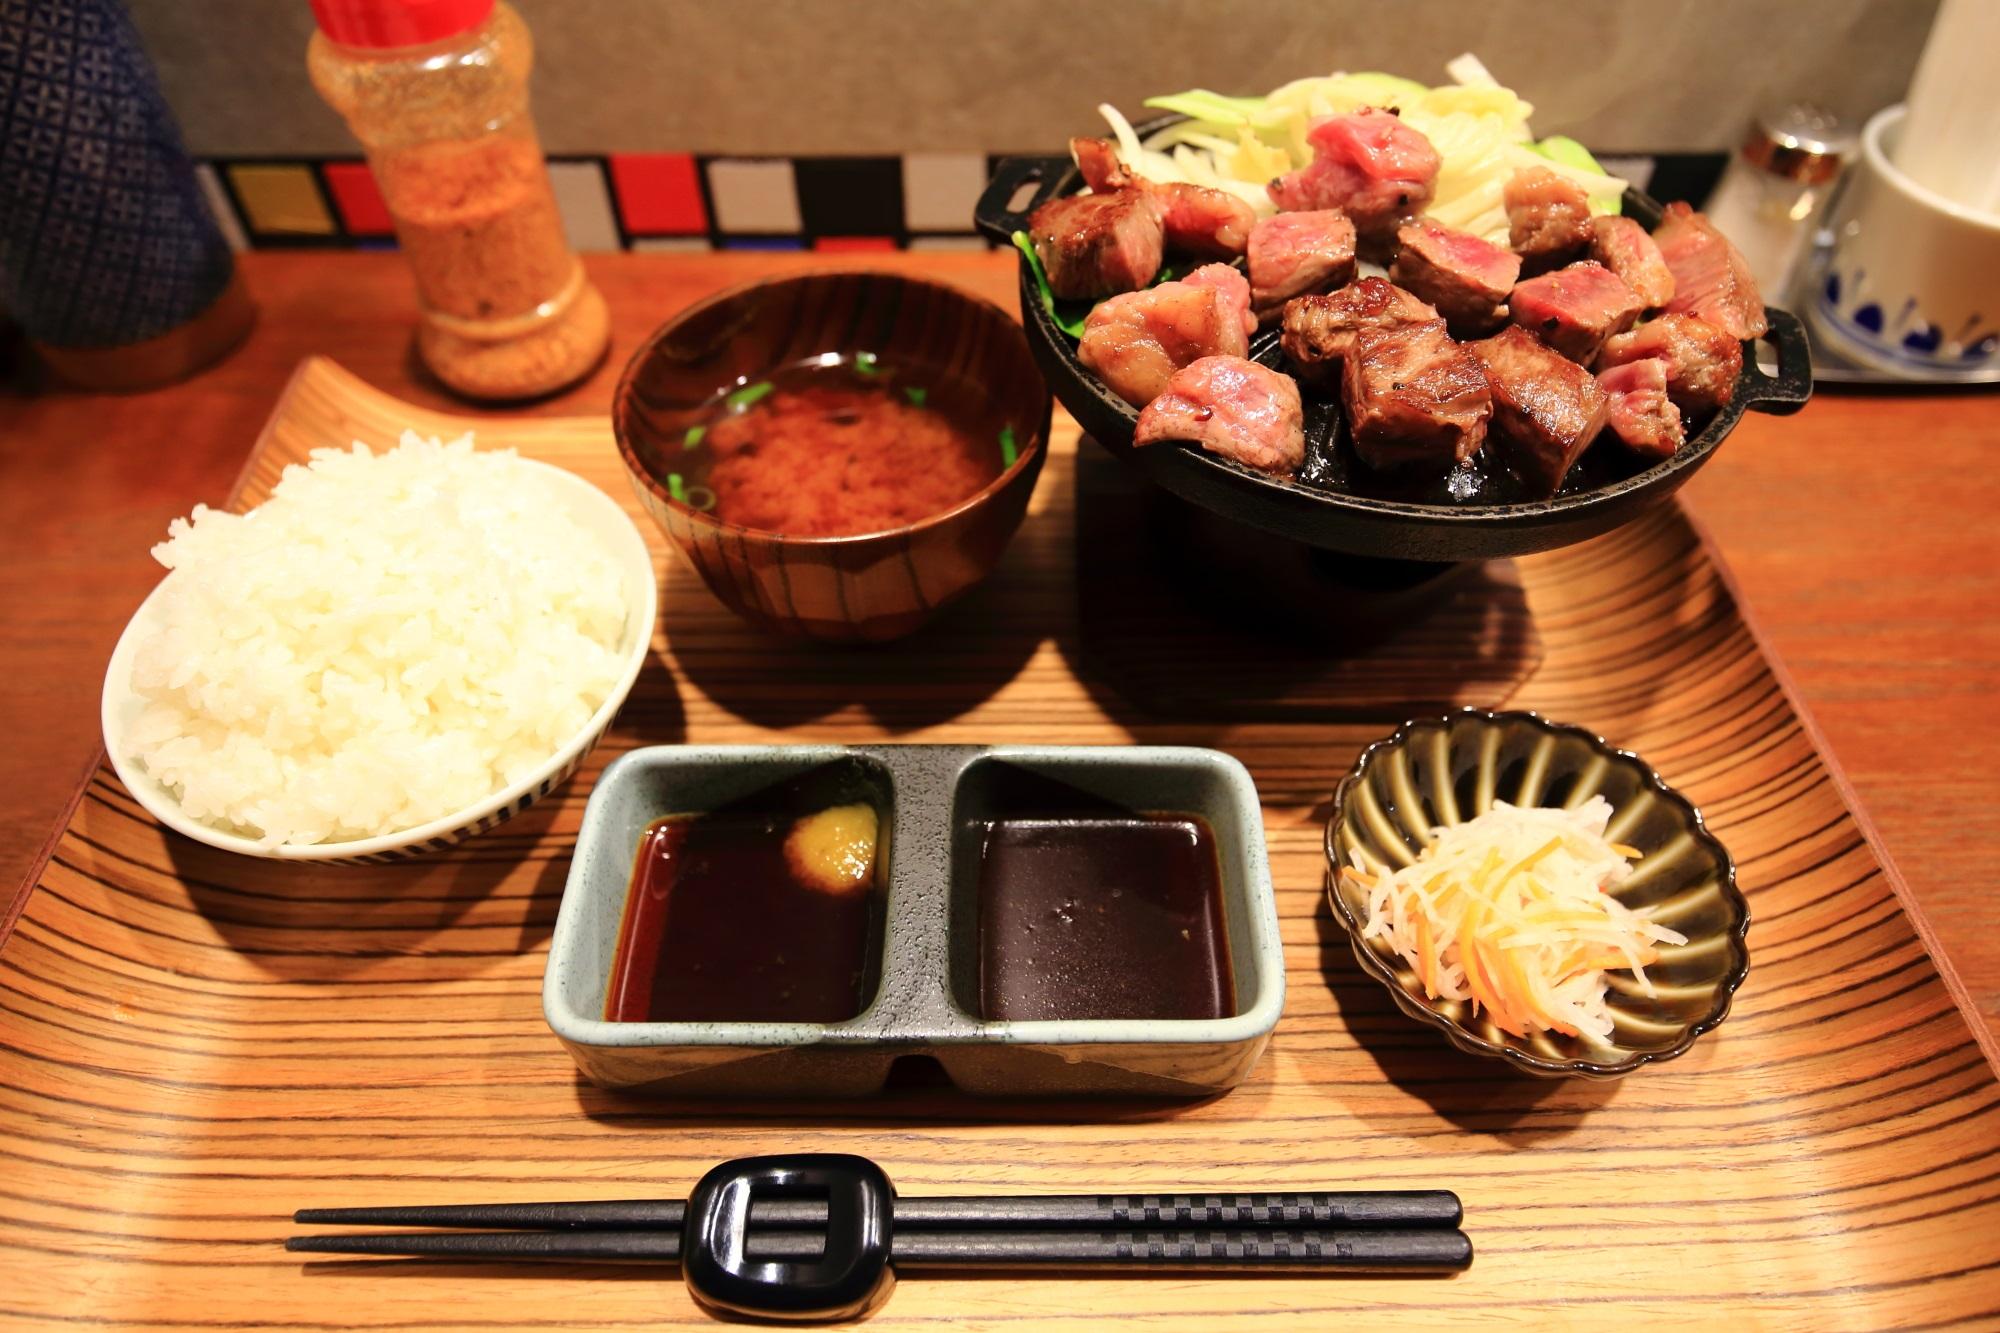 佰食屋 すき焼き専科の20食限定の国産牛サイコロステーキ定食(税抜1,200円)